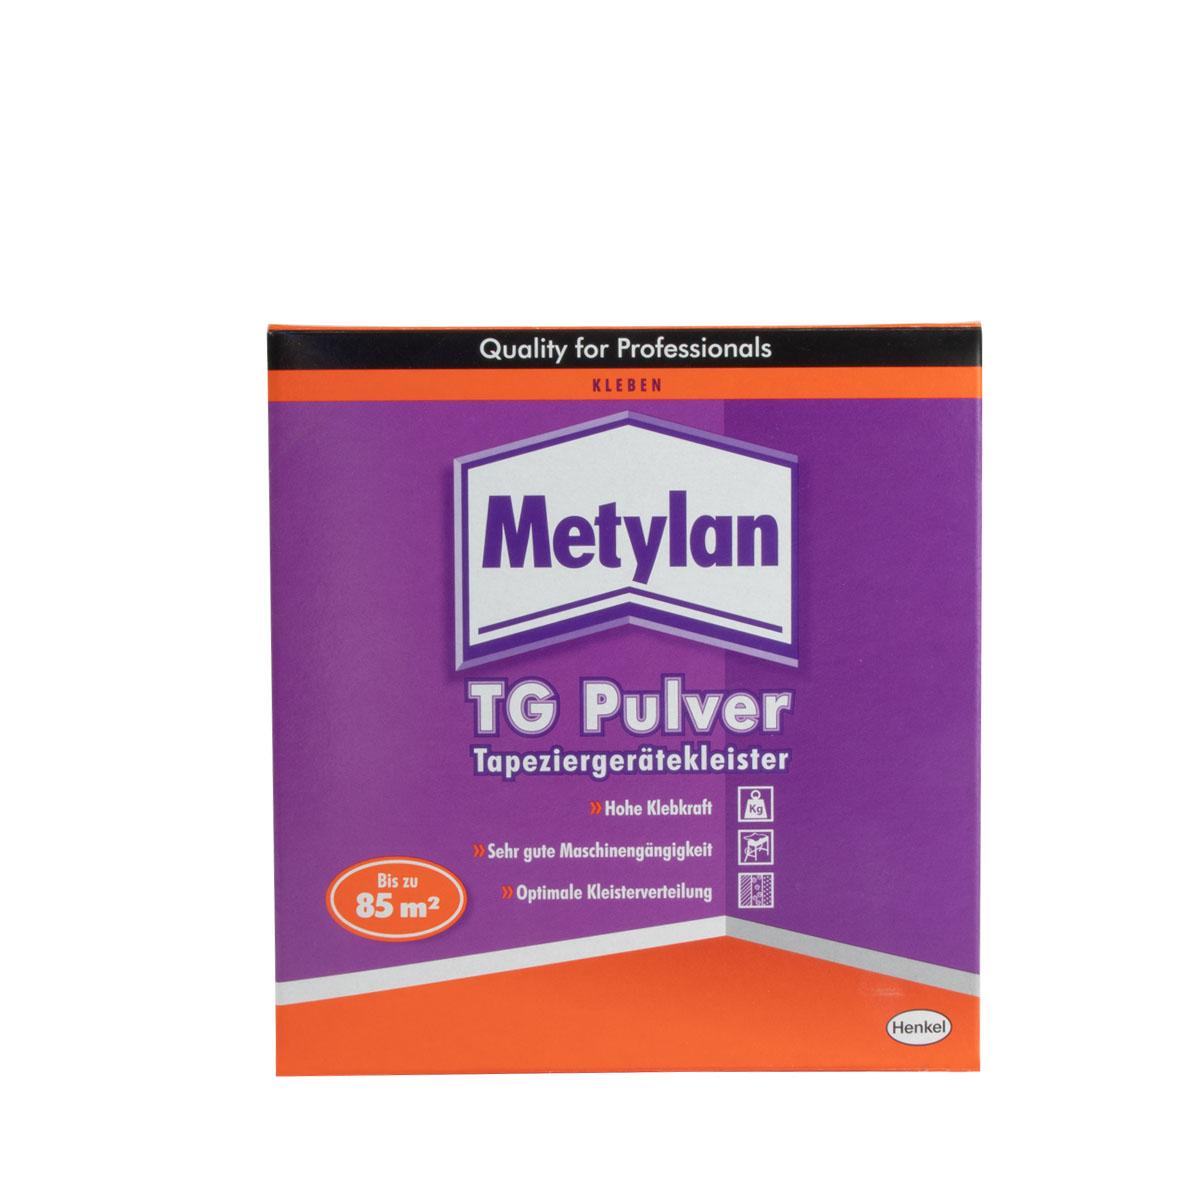 Metylan TG Pulver Tapeziergerätekleister 500g MTGI5, Instant